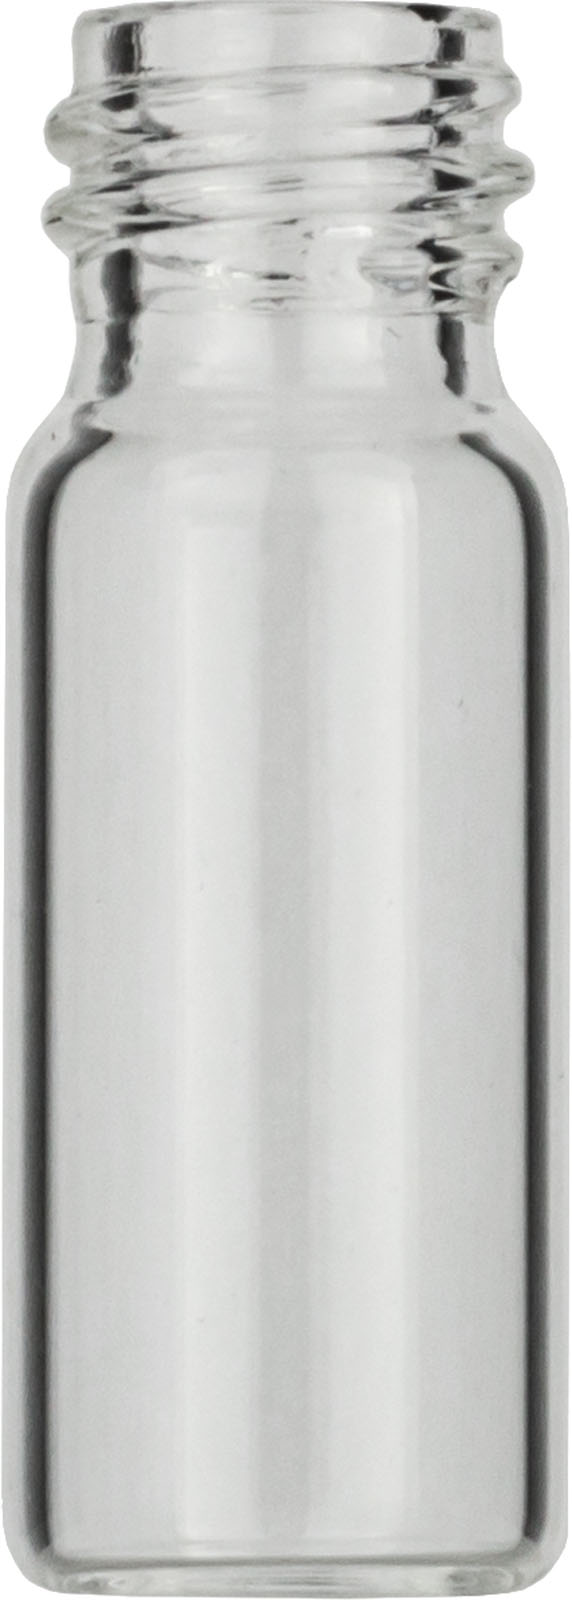 Vial N10-1.5, GW, k, 11,6x32, flach